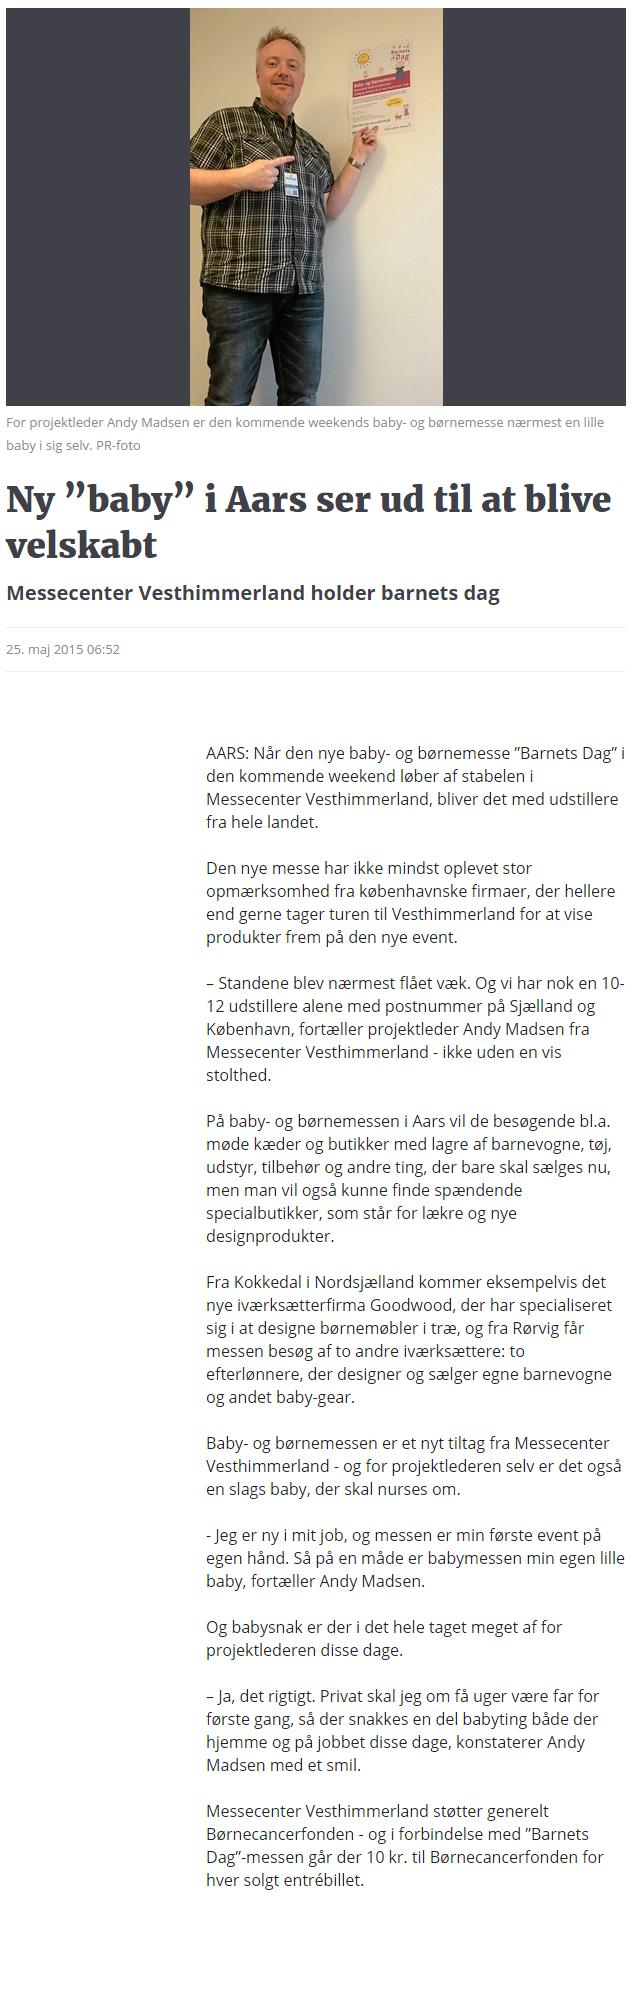 """Ny """"baby"""" i Aars ser ud til at blive velskabt   Nordjyske.dk"""